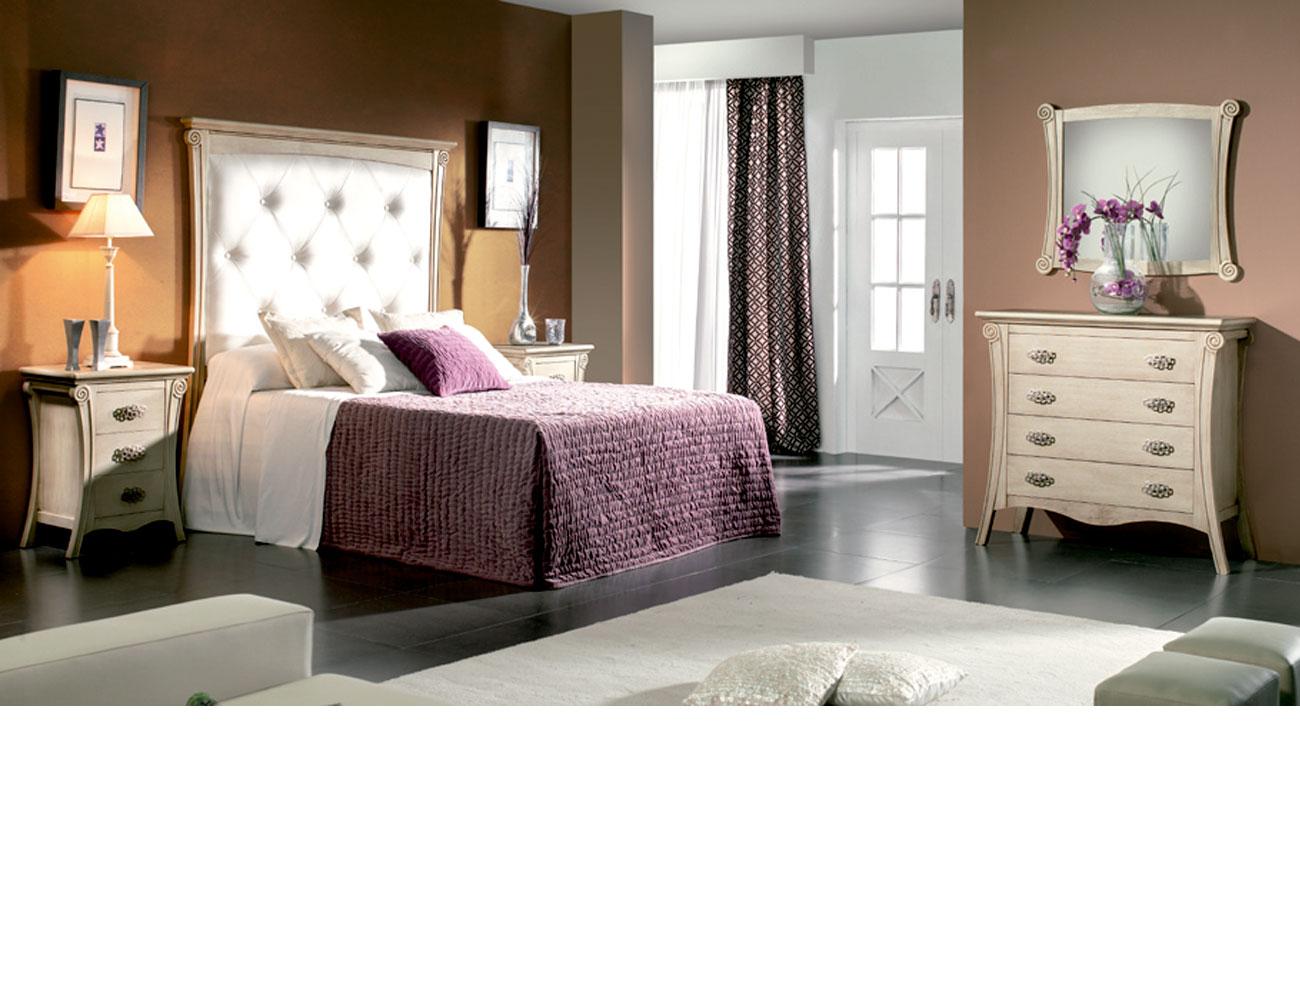 Dormitorio matrimonio cabecero tapizado polipiel color 500 tirador611